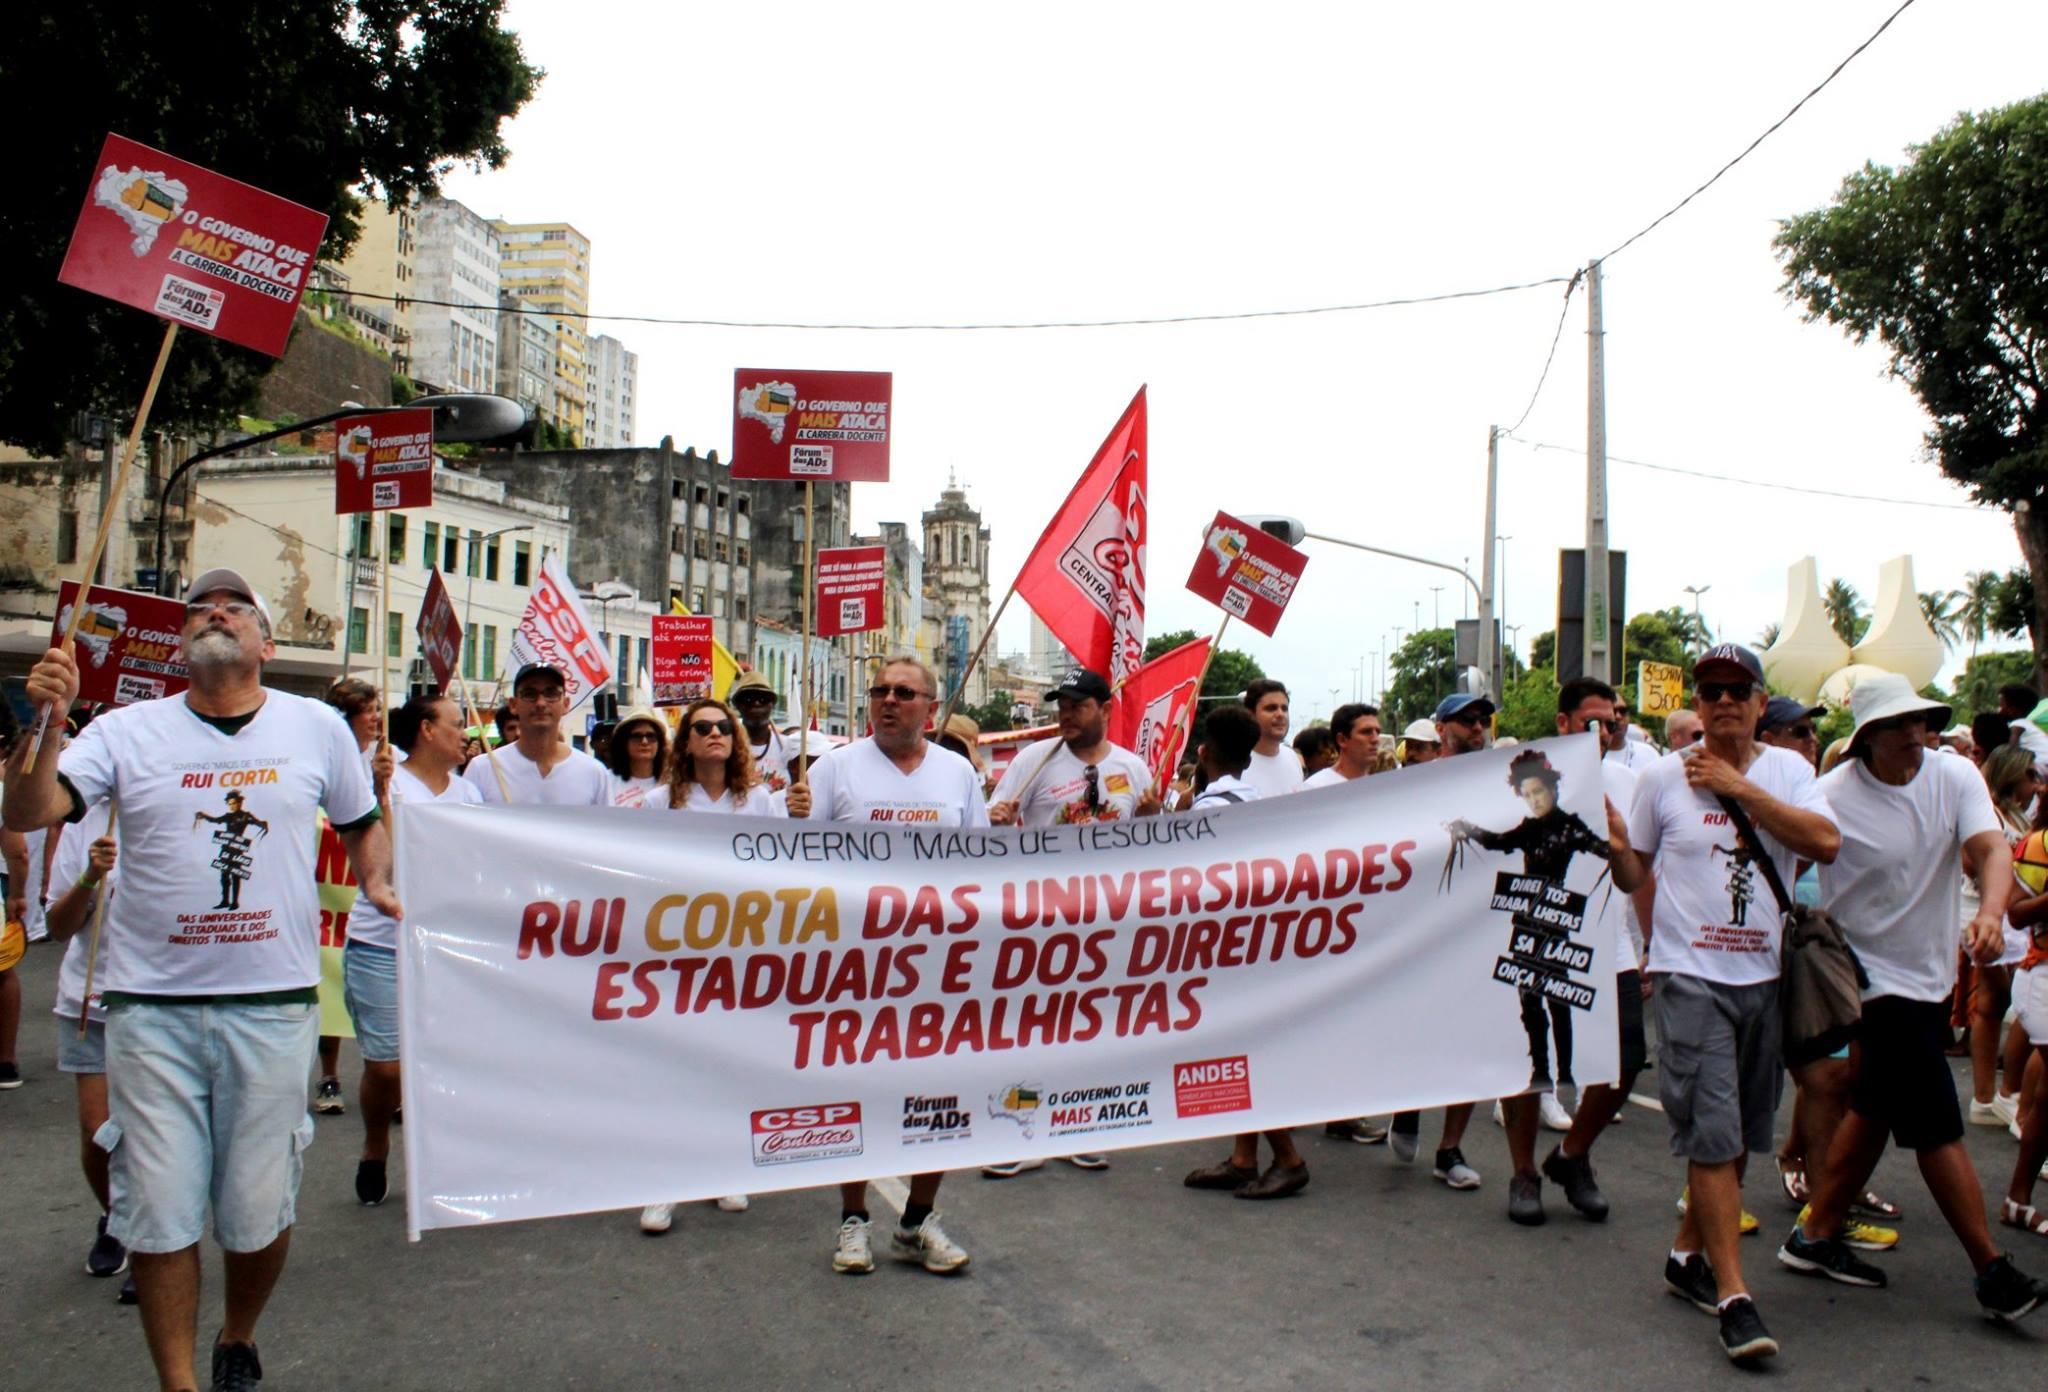 Em propaganda enganosa, #RuiCorta esquece de 222 professores que permanecem com direitos negados